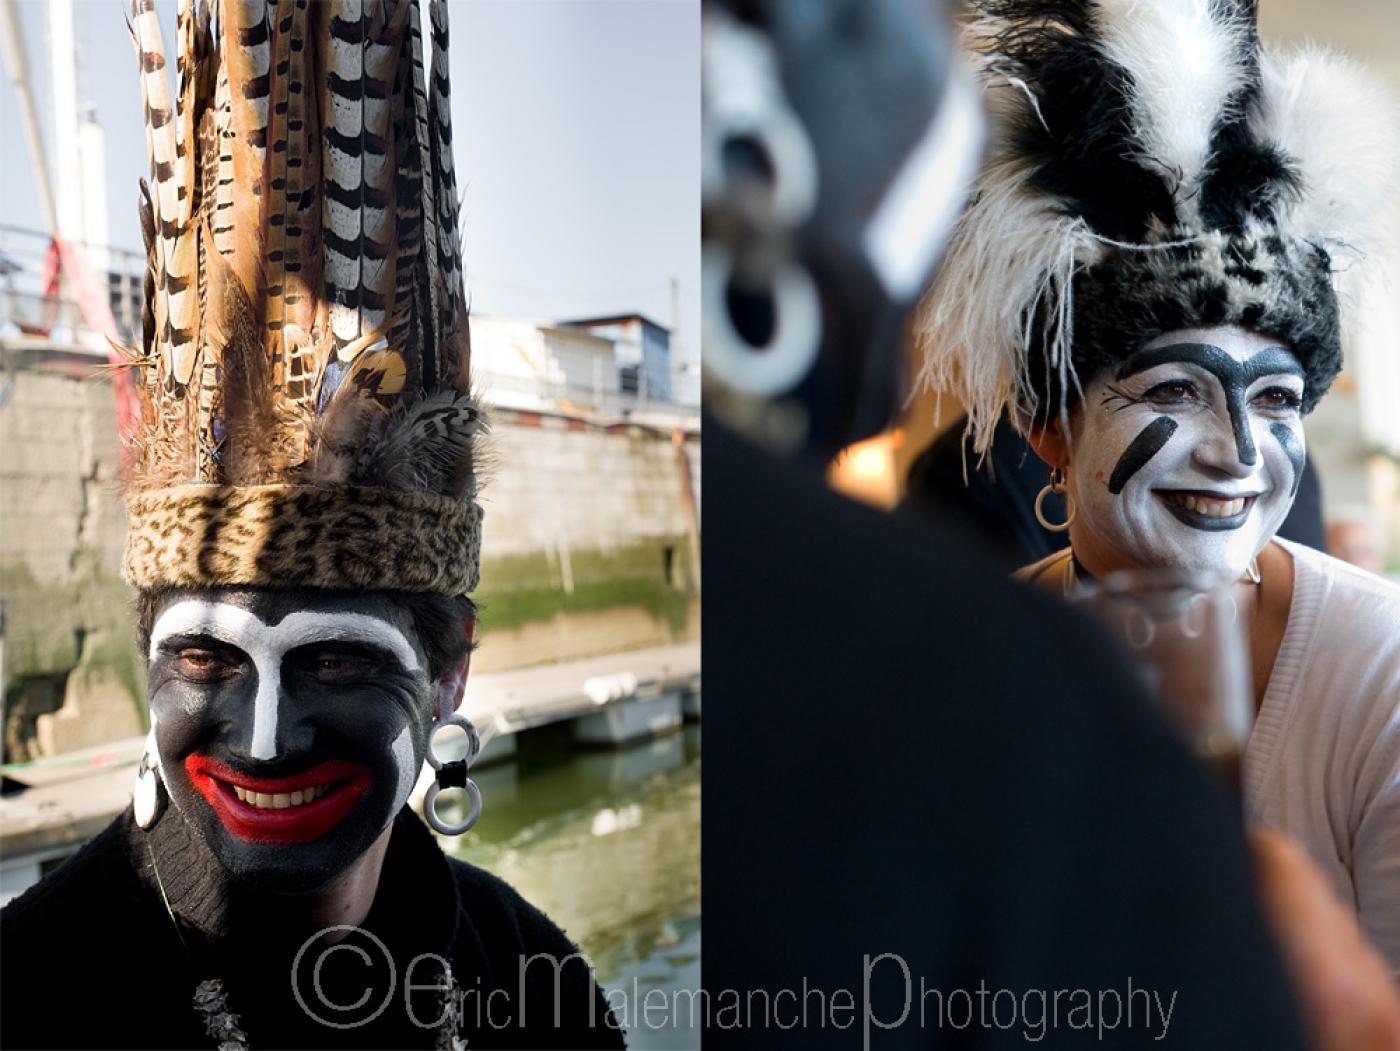 http://www.ericmalemanche.com/imagess/topics/carnaval-de-dunkerque/liste/Carnaval-Dunkerque-1243.jpg